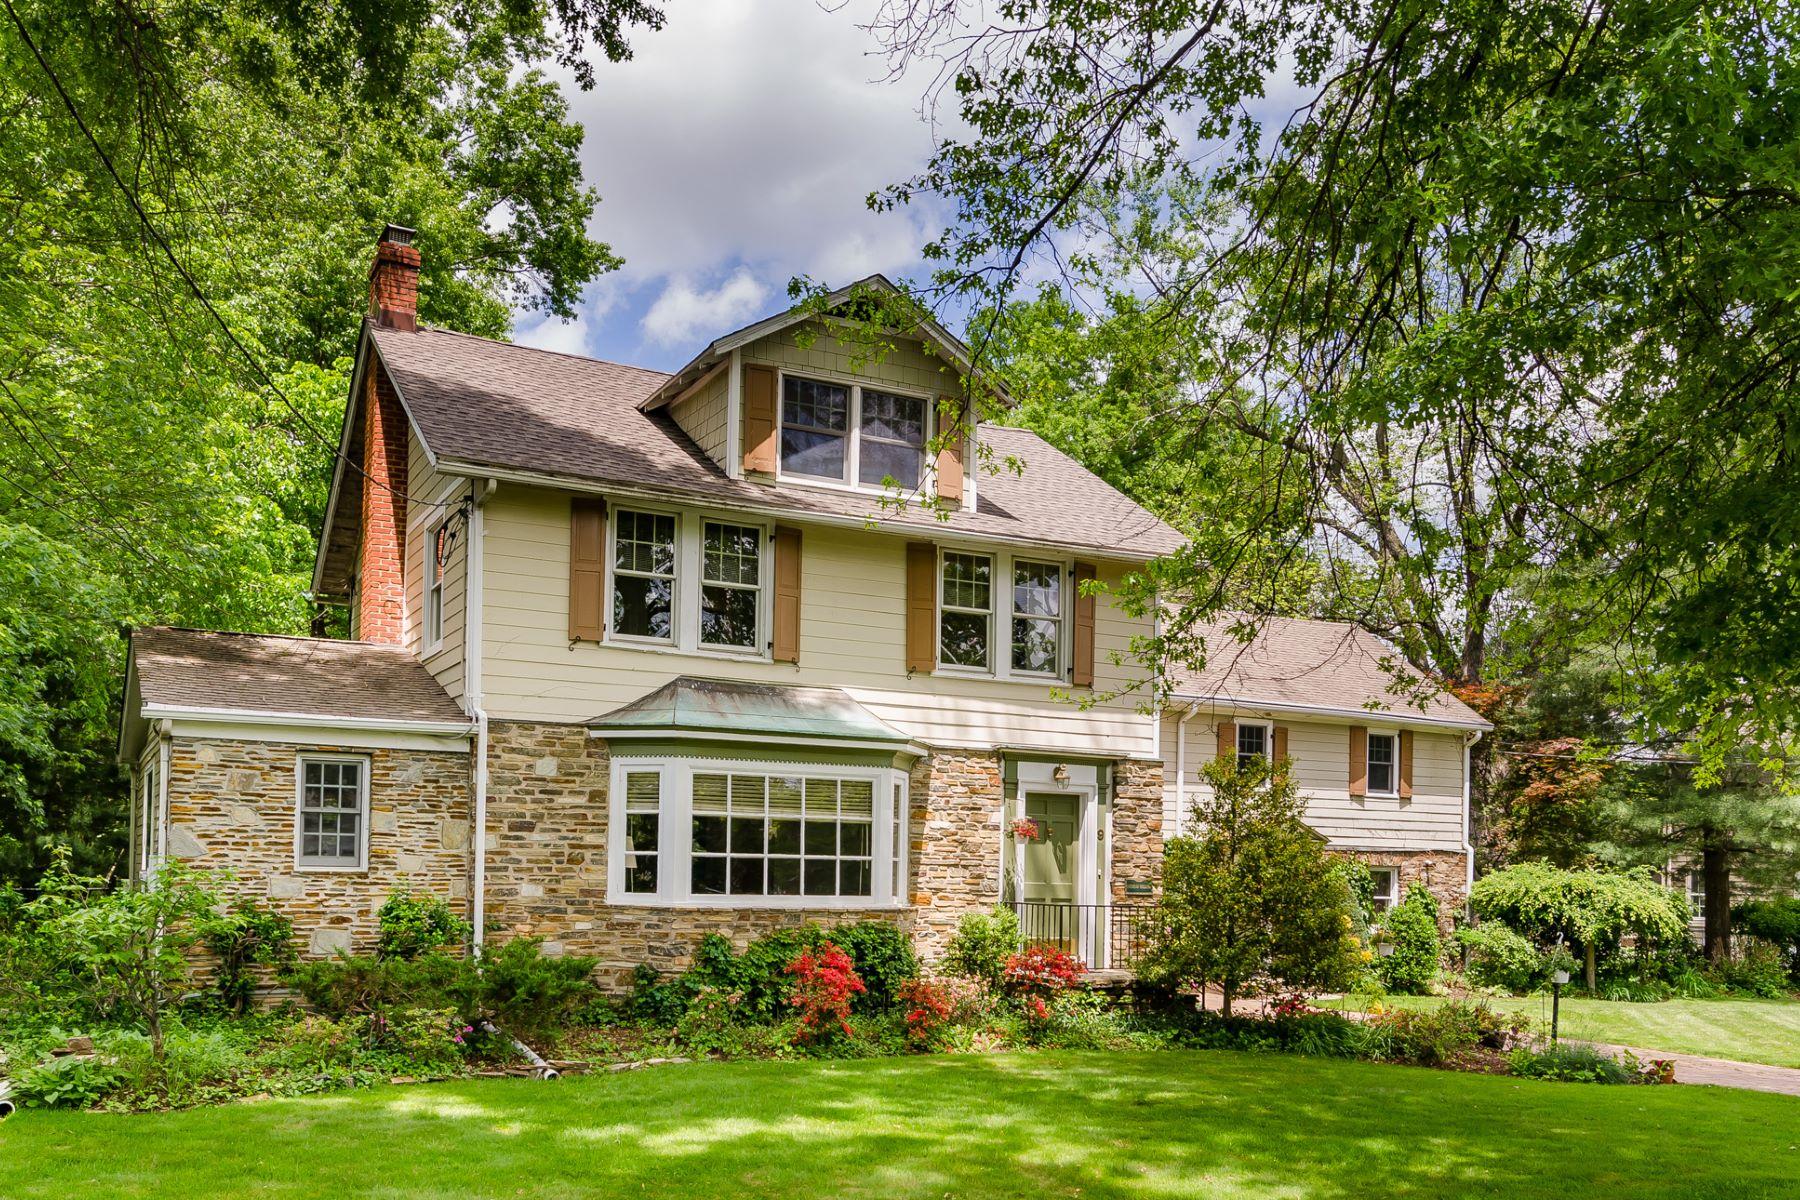 Tek Ailelik Ev için Satış at Gracious, Elegant With Income Potential 9-11 East Curlis Avenue, Pennington, New Jersey 08534 Amerika Birleşik DevletleriIn/Etrafında: Pennington Borough